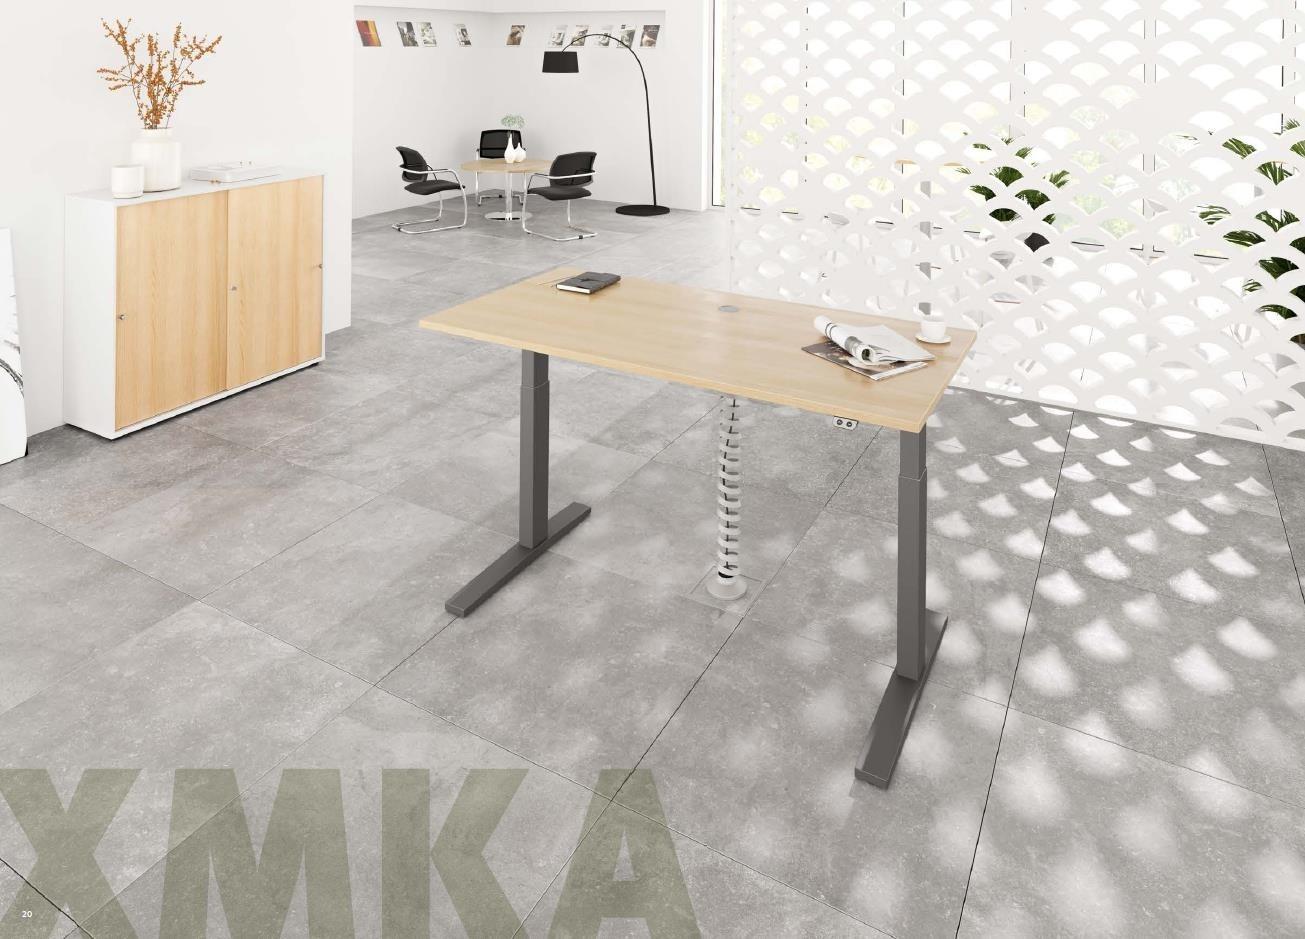 """Hammerbacher - Sitz-Steh-Tisch """"XMKA"""" 70-120 cm, """"XMKB"""" 64-129 cm"""